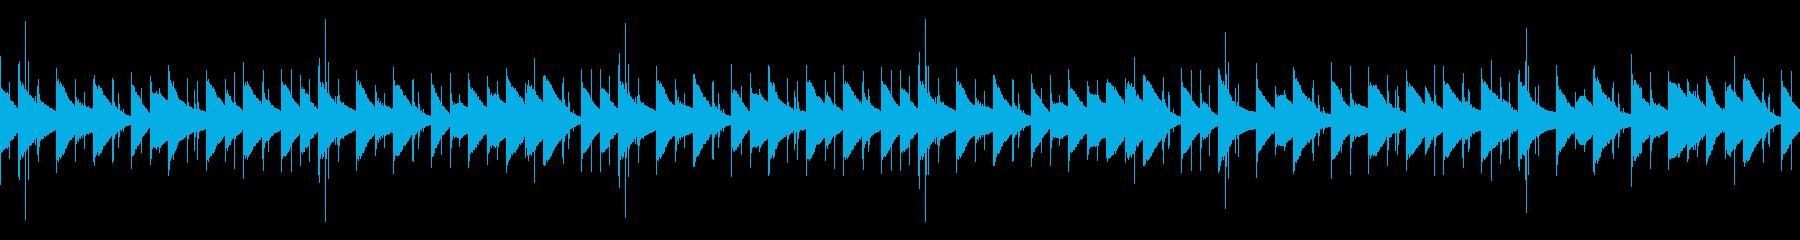 オルゴール・マリンバの可愛いBGMループの再生済みの波形